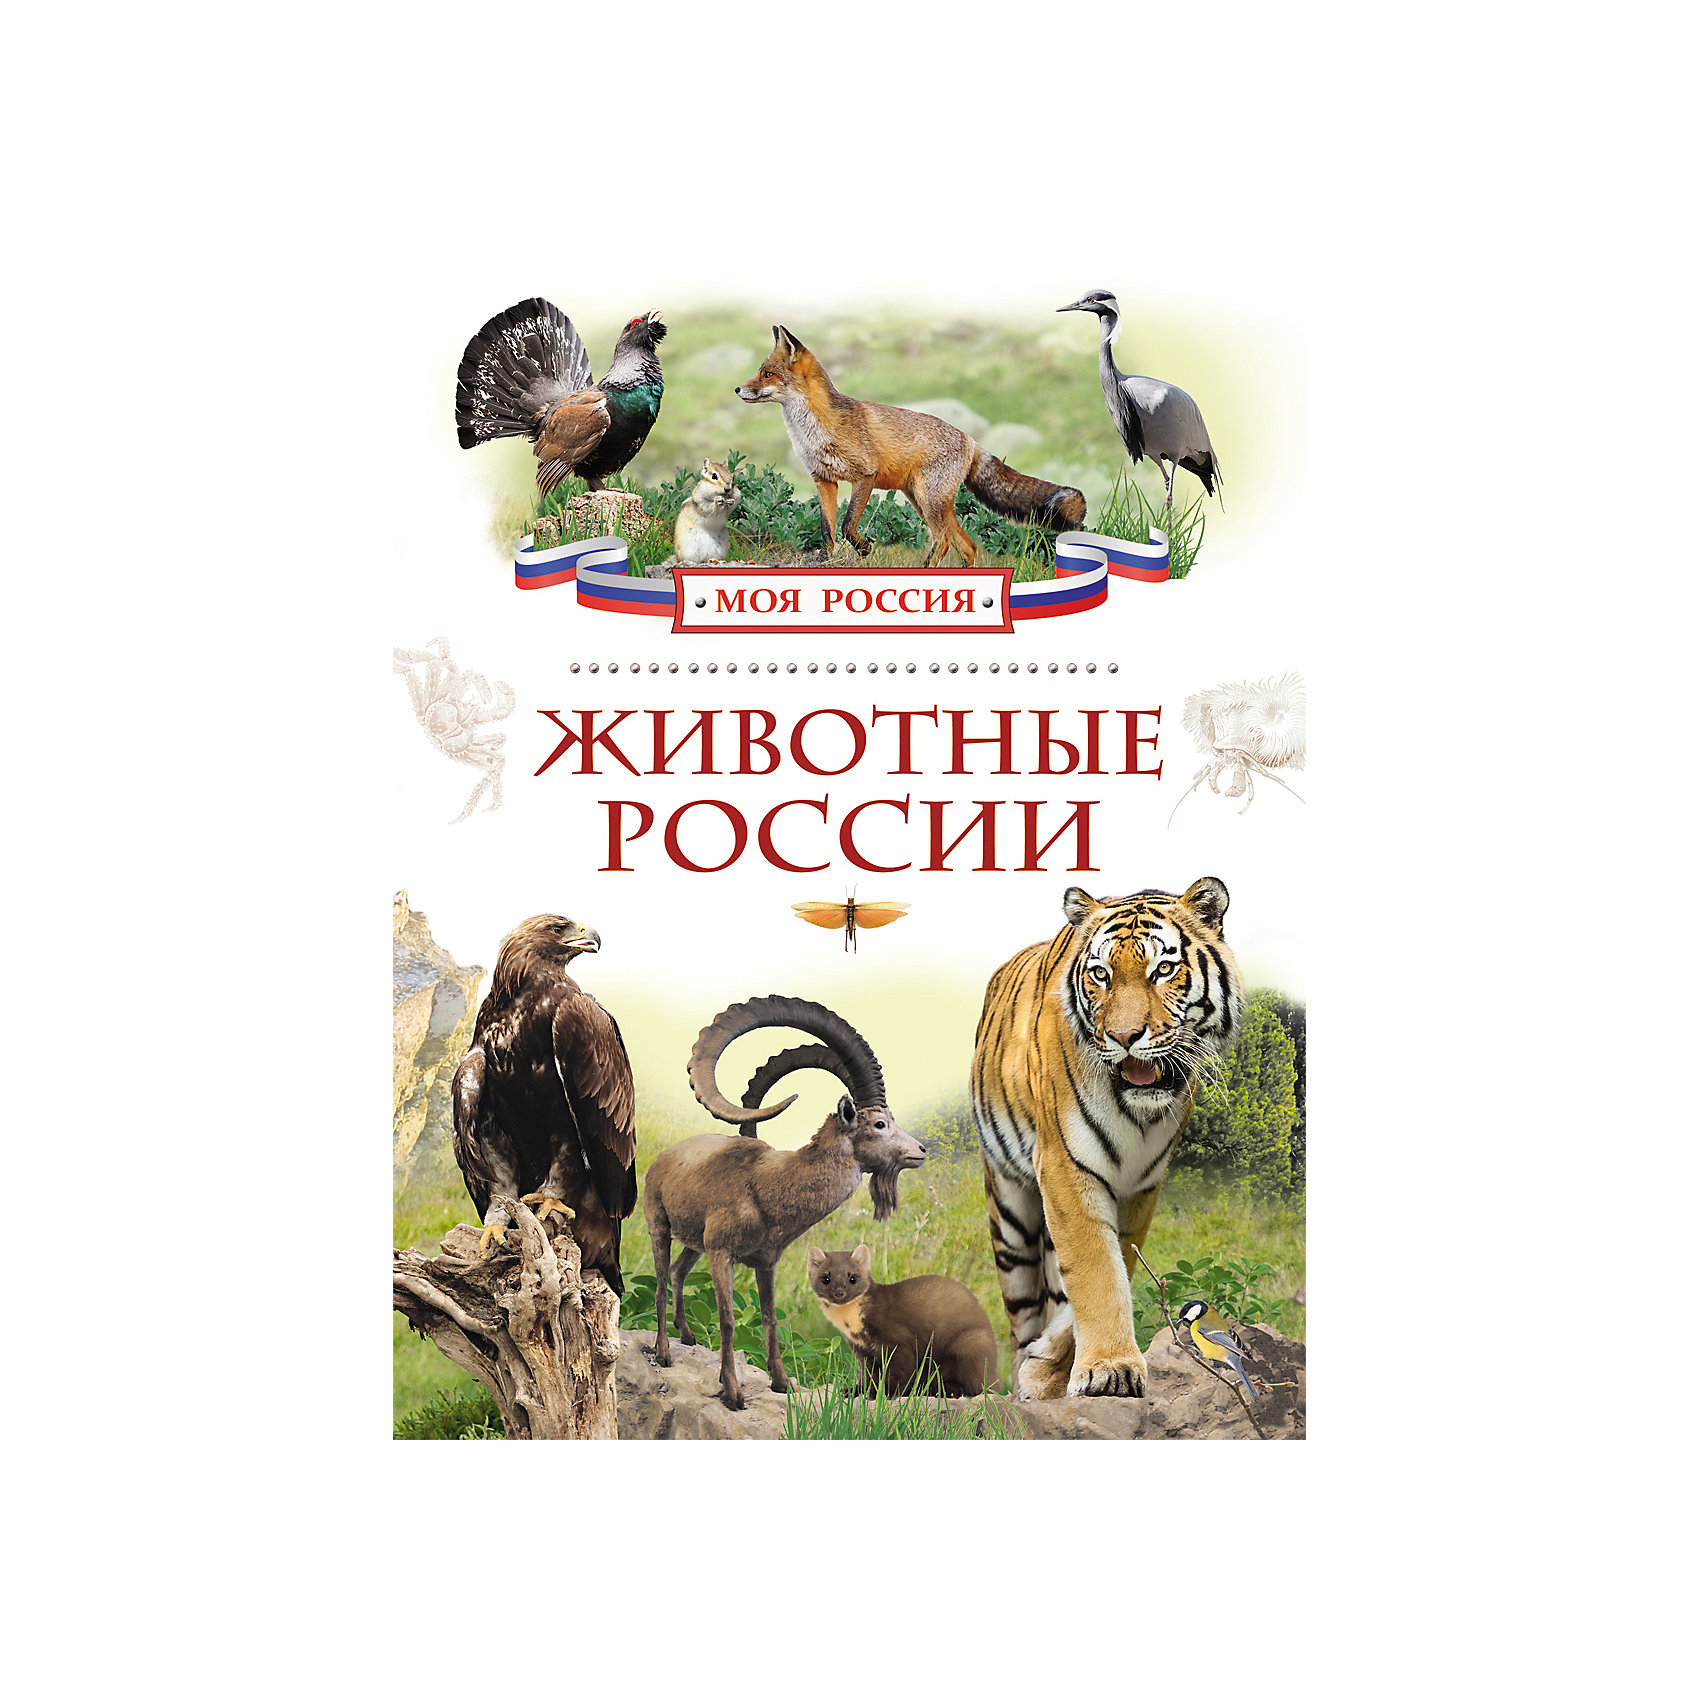 Росмэн Животные России, Моя Россия росмэн великие люди россии моя россия